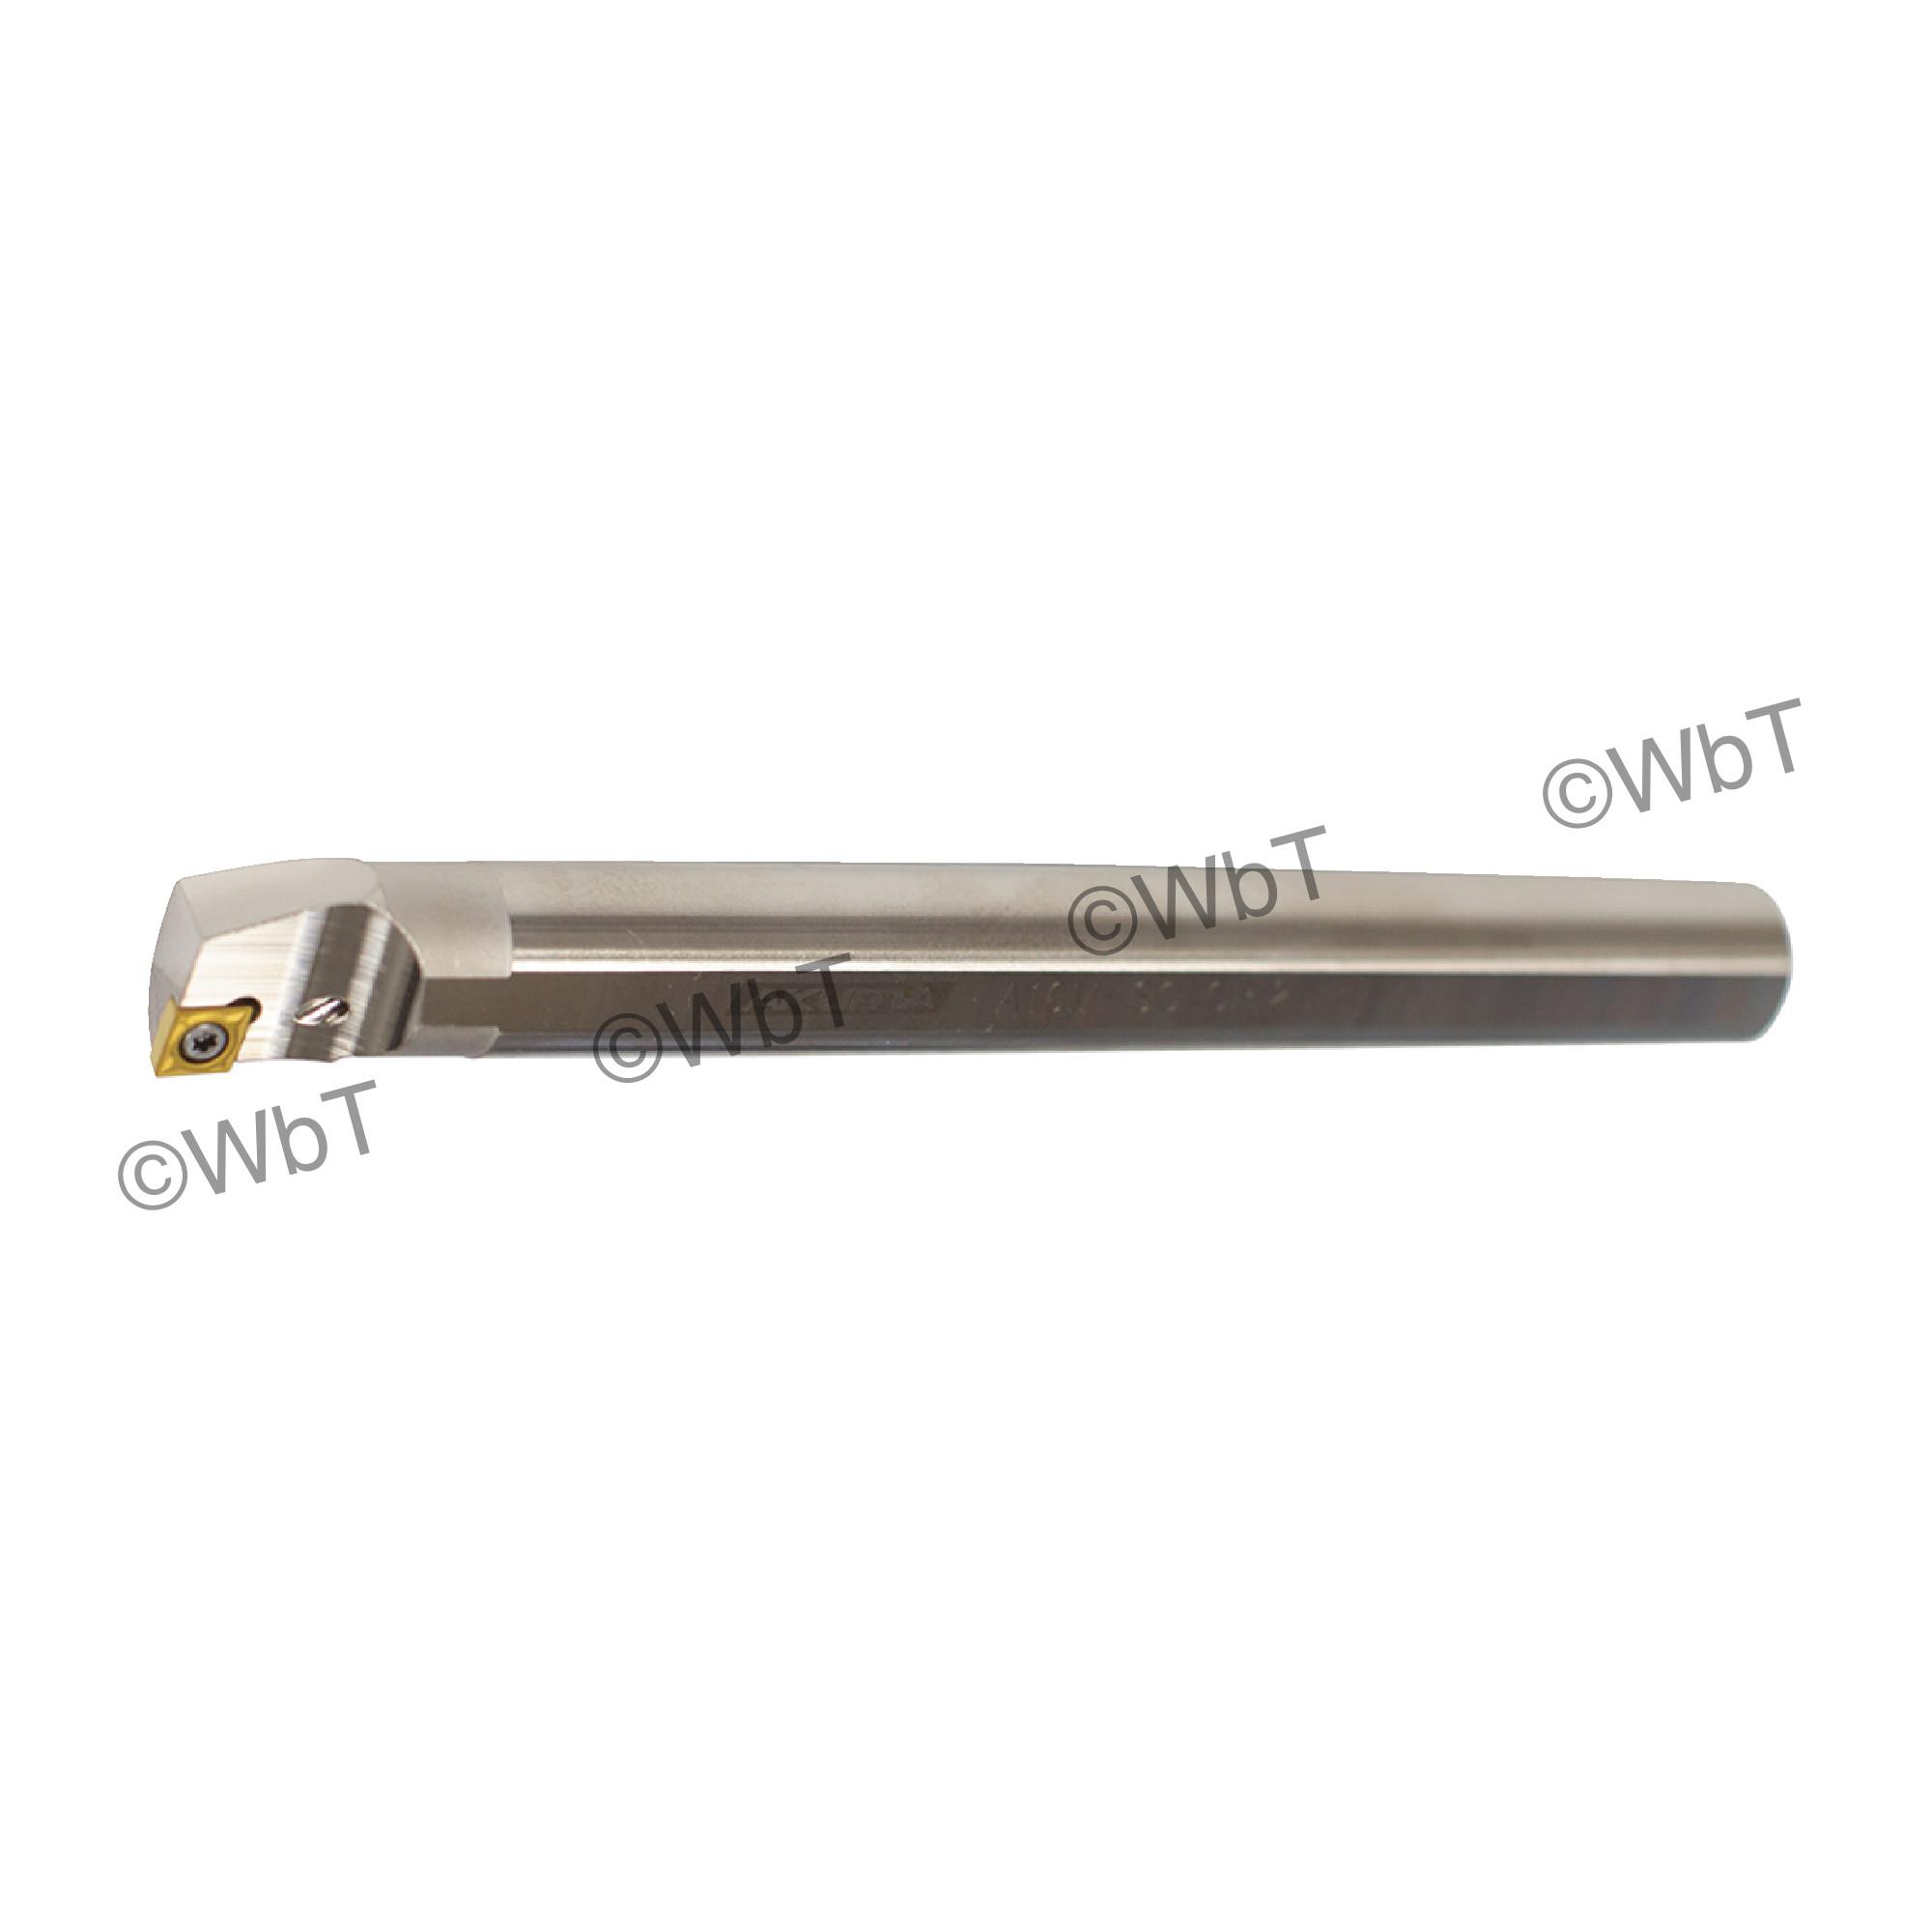 """AKUMA - A10M-SCLCR-2 / Steel Boring Bar / 5/8"""" Shank / CCMT2(1.5)_ / Cooalnt Thru / Right Hand"""